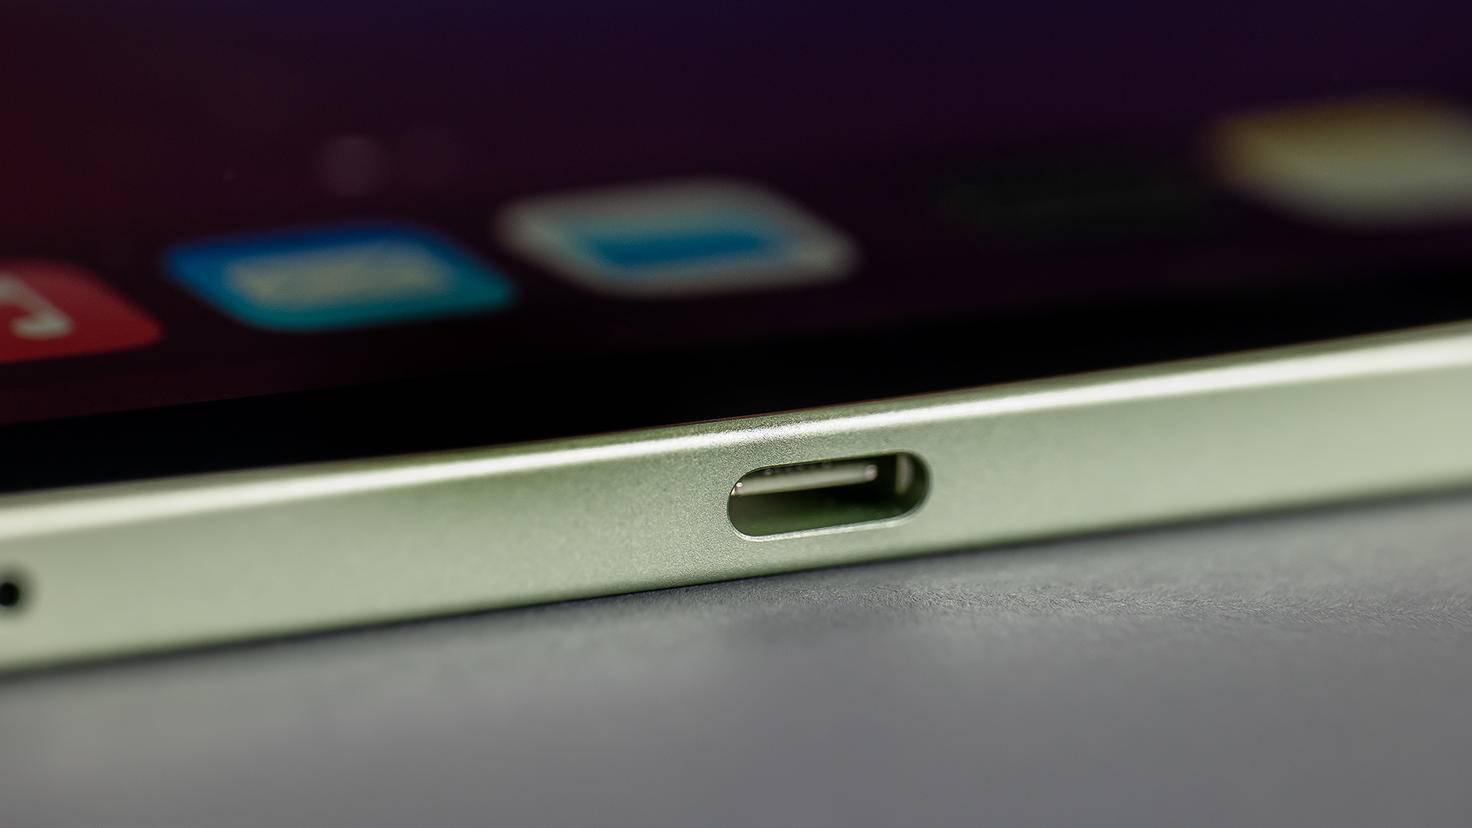 iPad-Air-2020-11